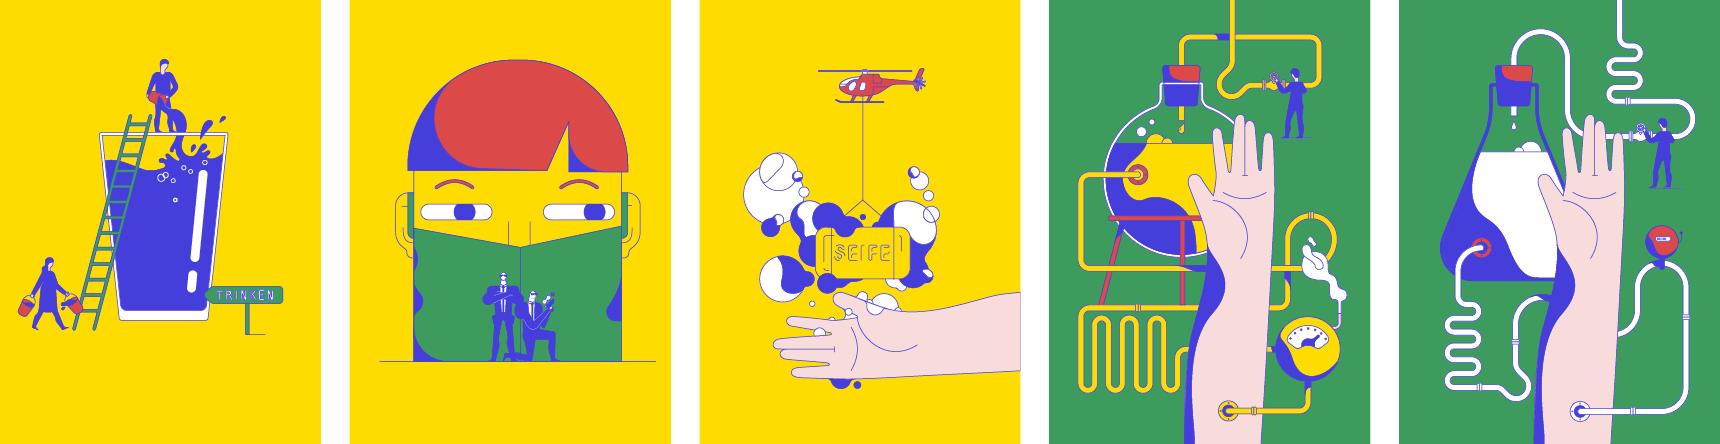 Humorvolle illustrierte Situationen aus dem Klinikalltag als Entwurf für das Talking in Symbols Kartenset: z.B Hubschrauber, der Seife transportiert und Infusionskabel die wie von Technikern verlegt werden